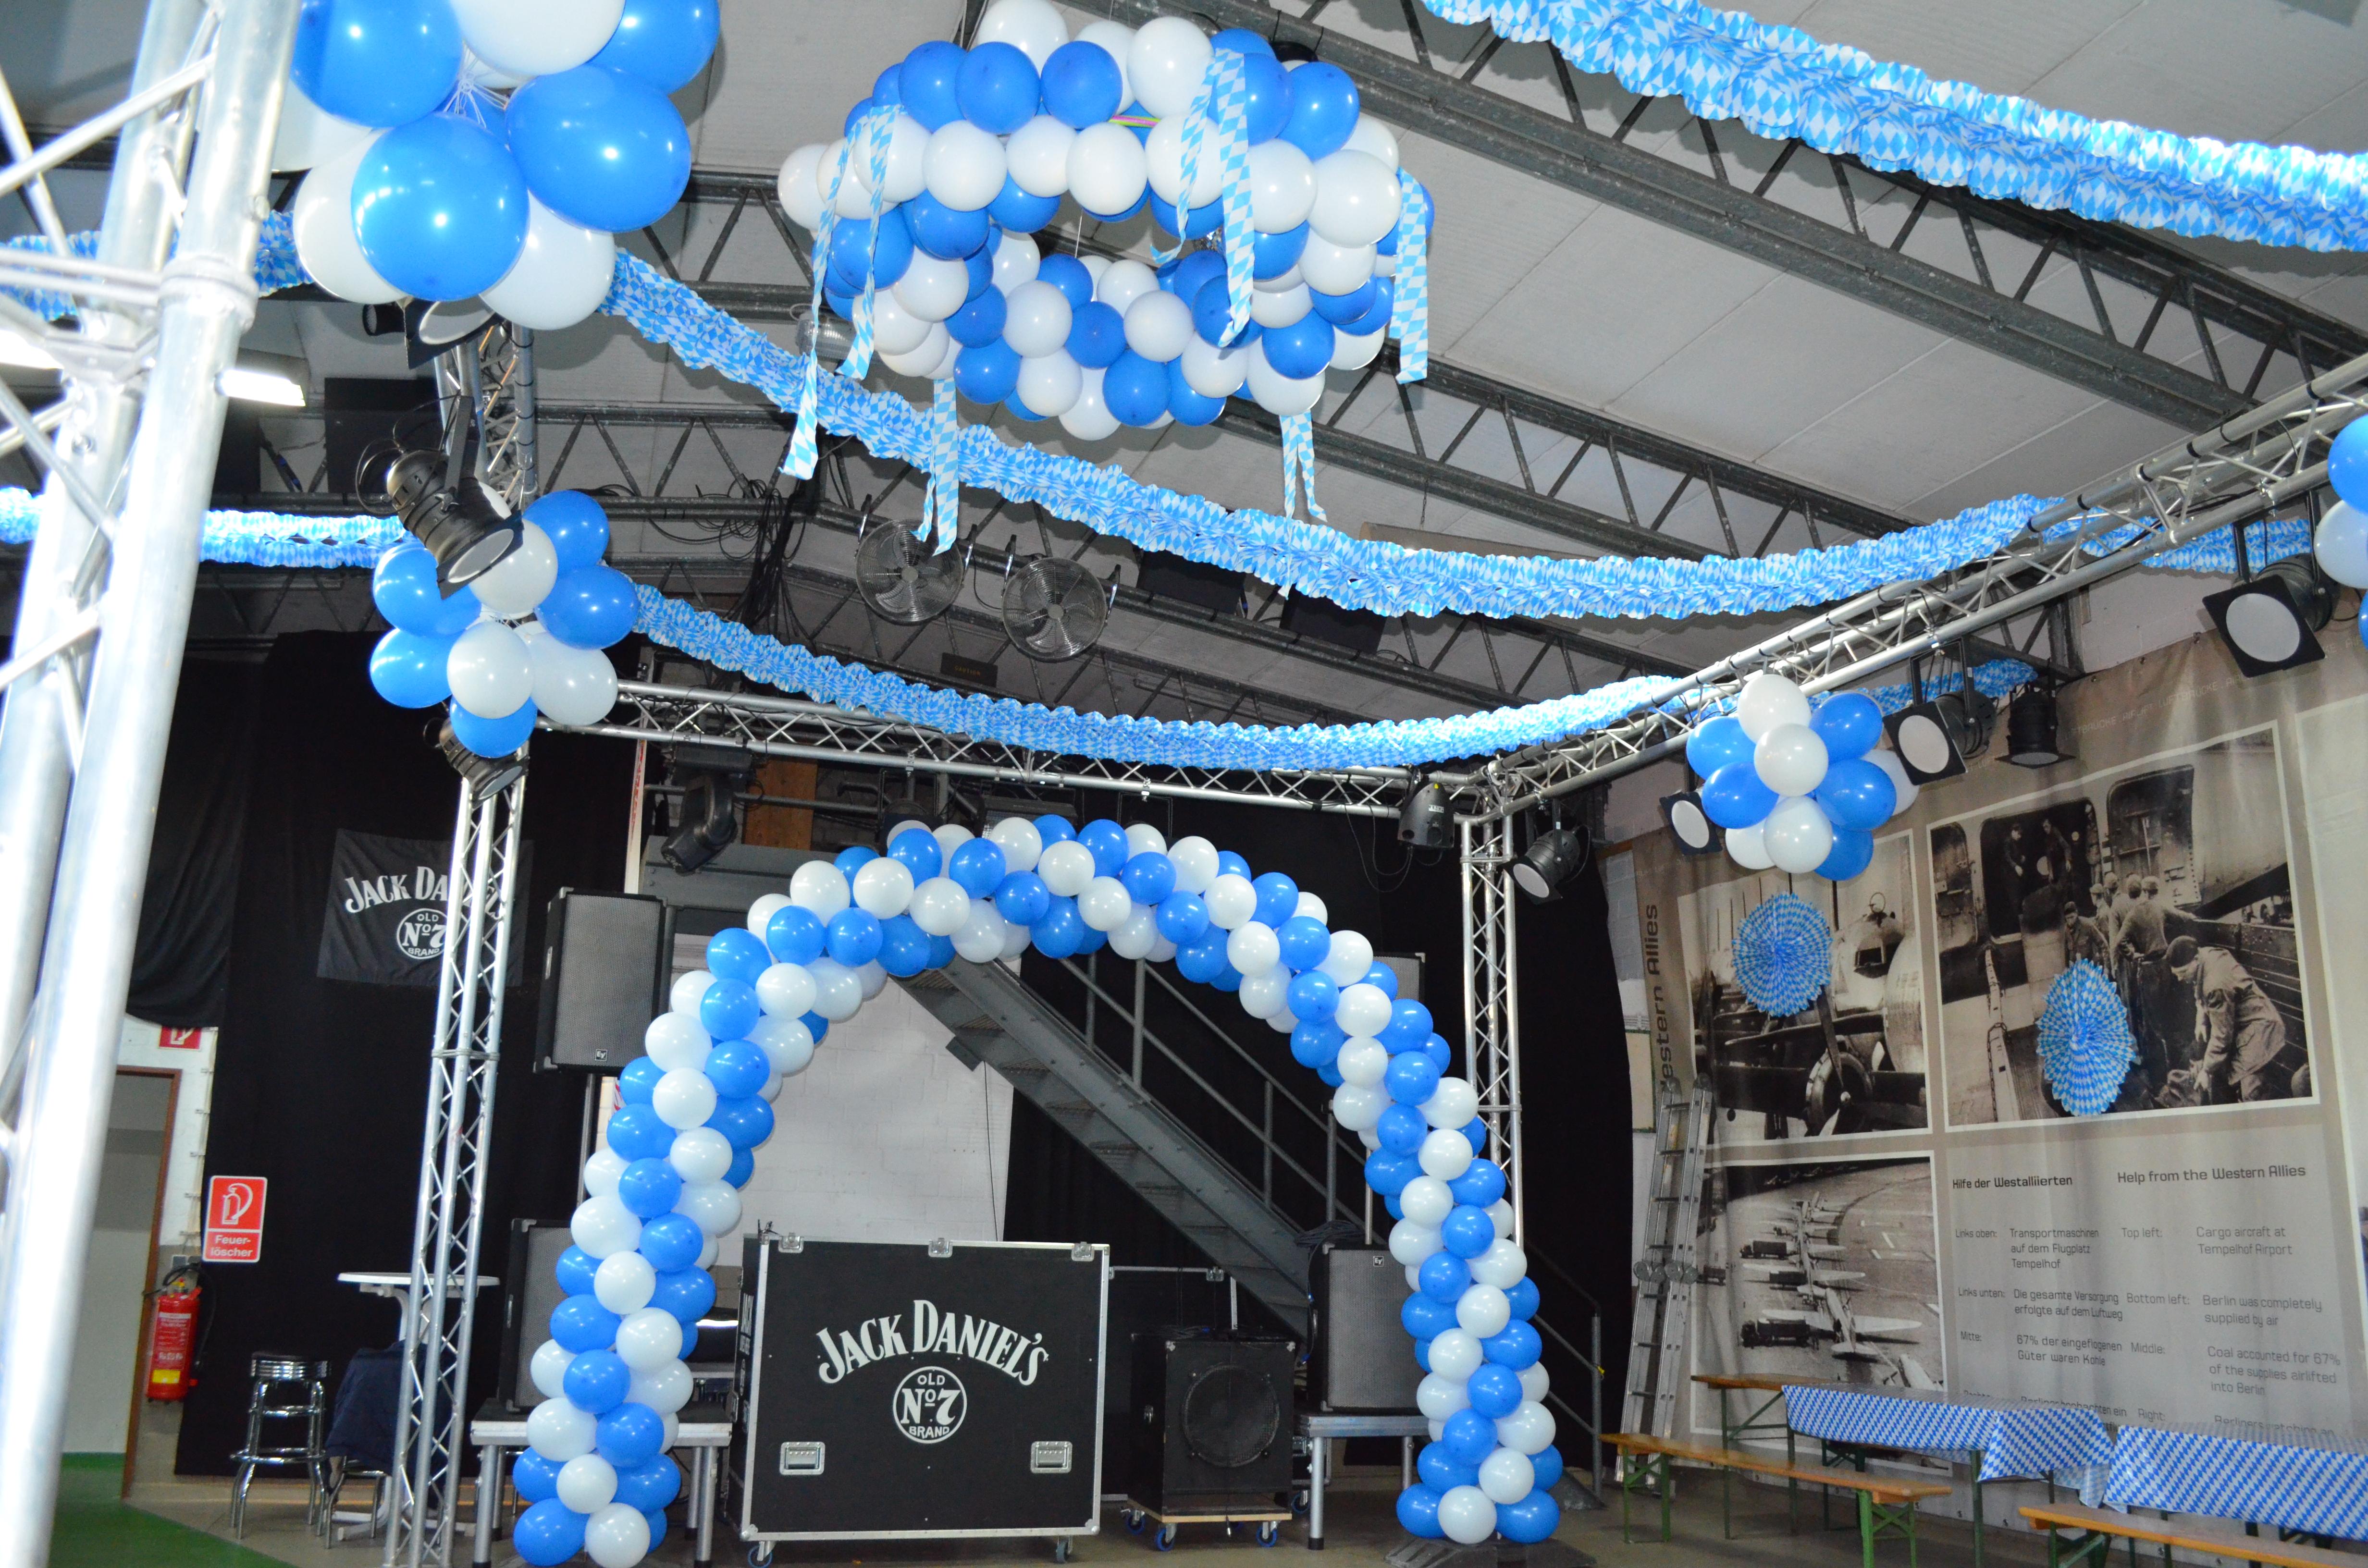 Dsc 0107 Partydeko Berlin